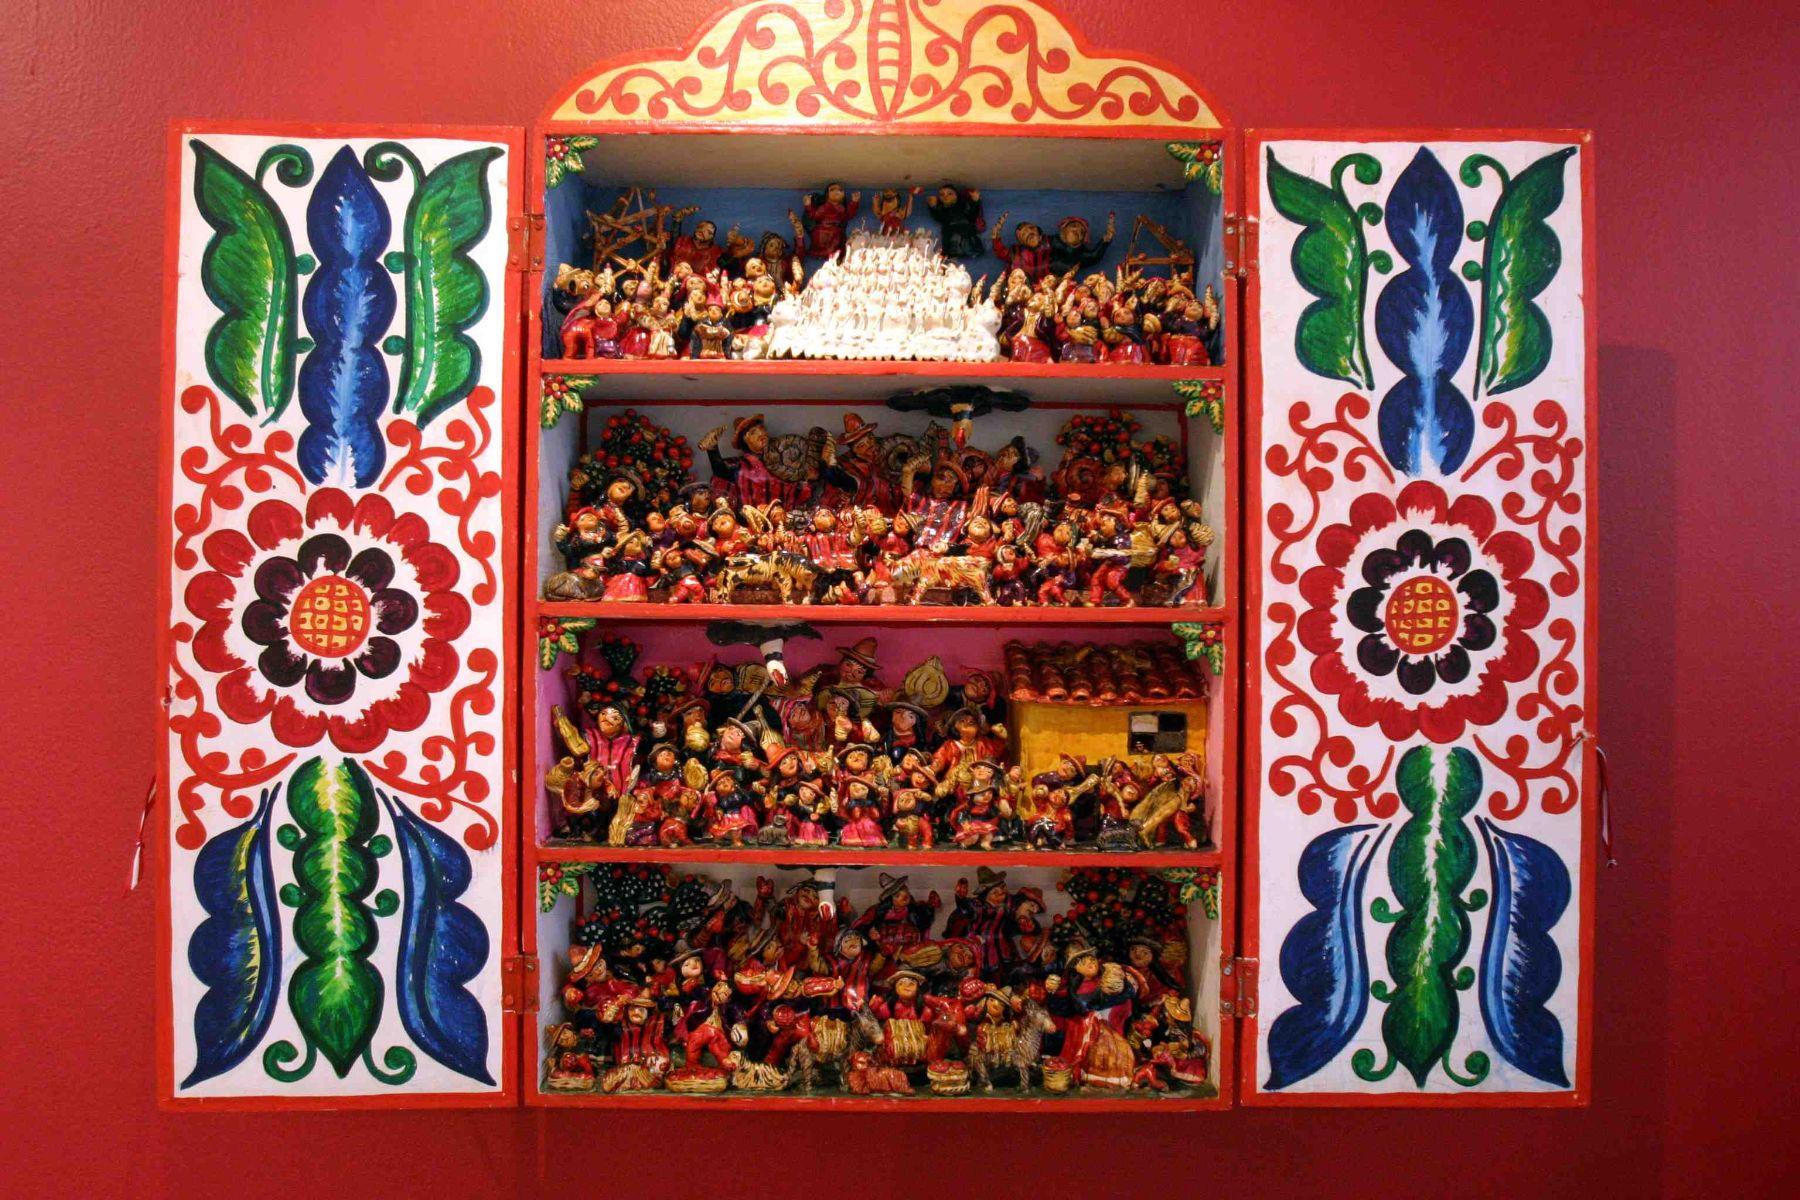 Retablos Ayacuchanos: Una hermosa artesanía en riesgo de ...